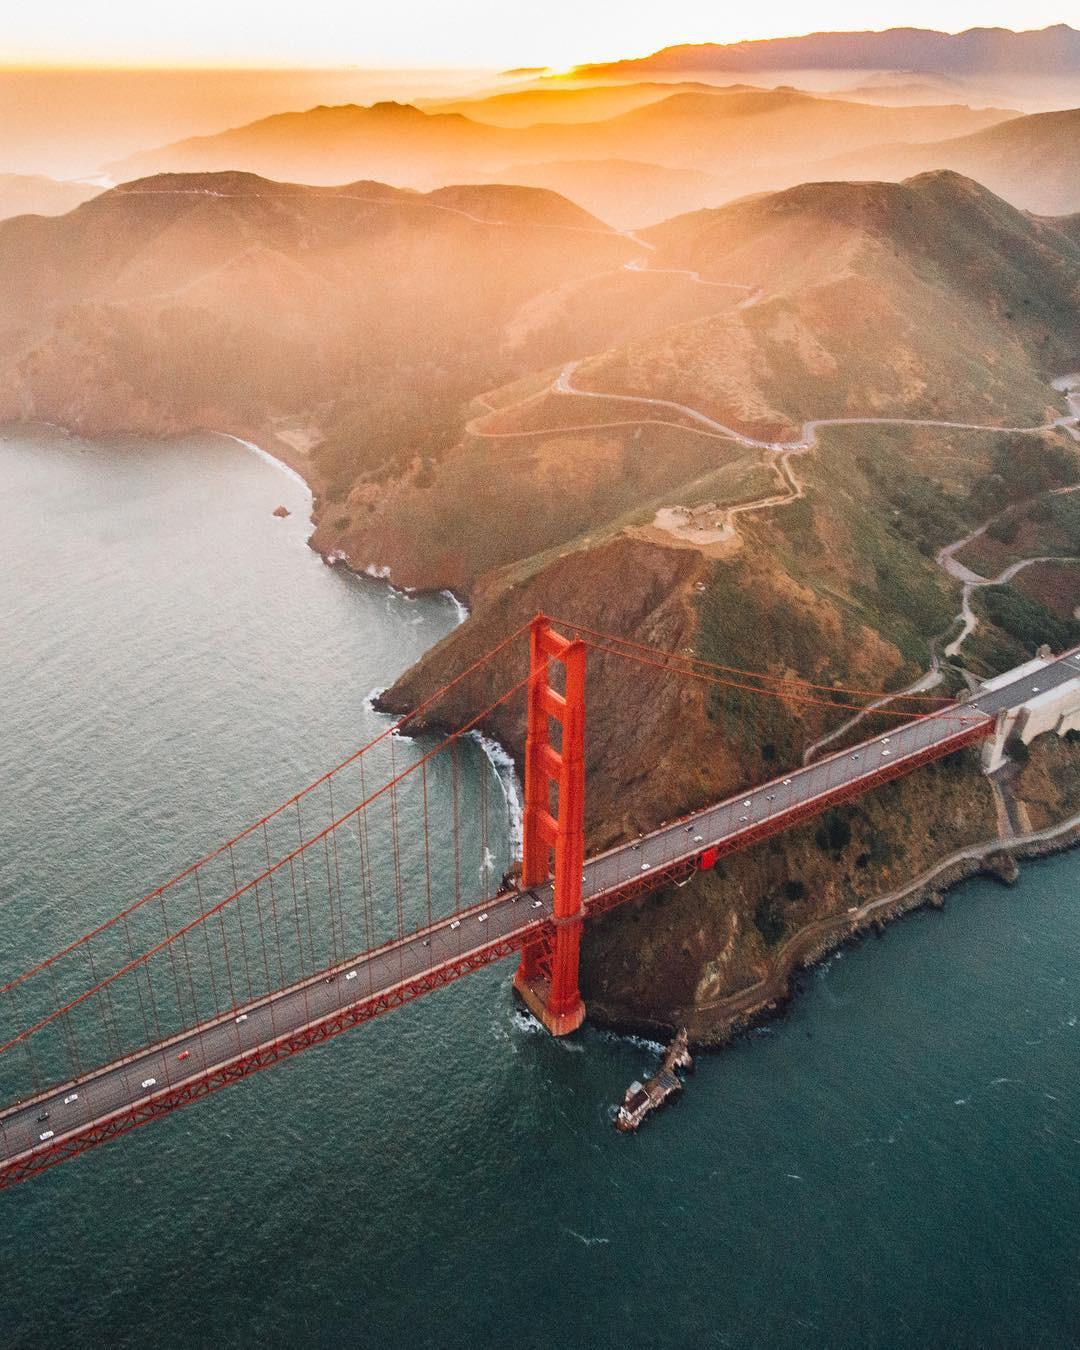 Lên hình đẹp là thế nhưng ít ai biết cây cầu này lại được mệnh danh là bãi tự sát của nước Mỹ - Ảnh 18.